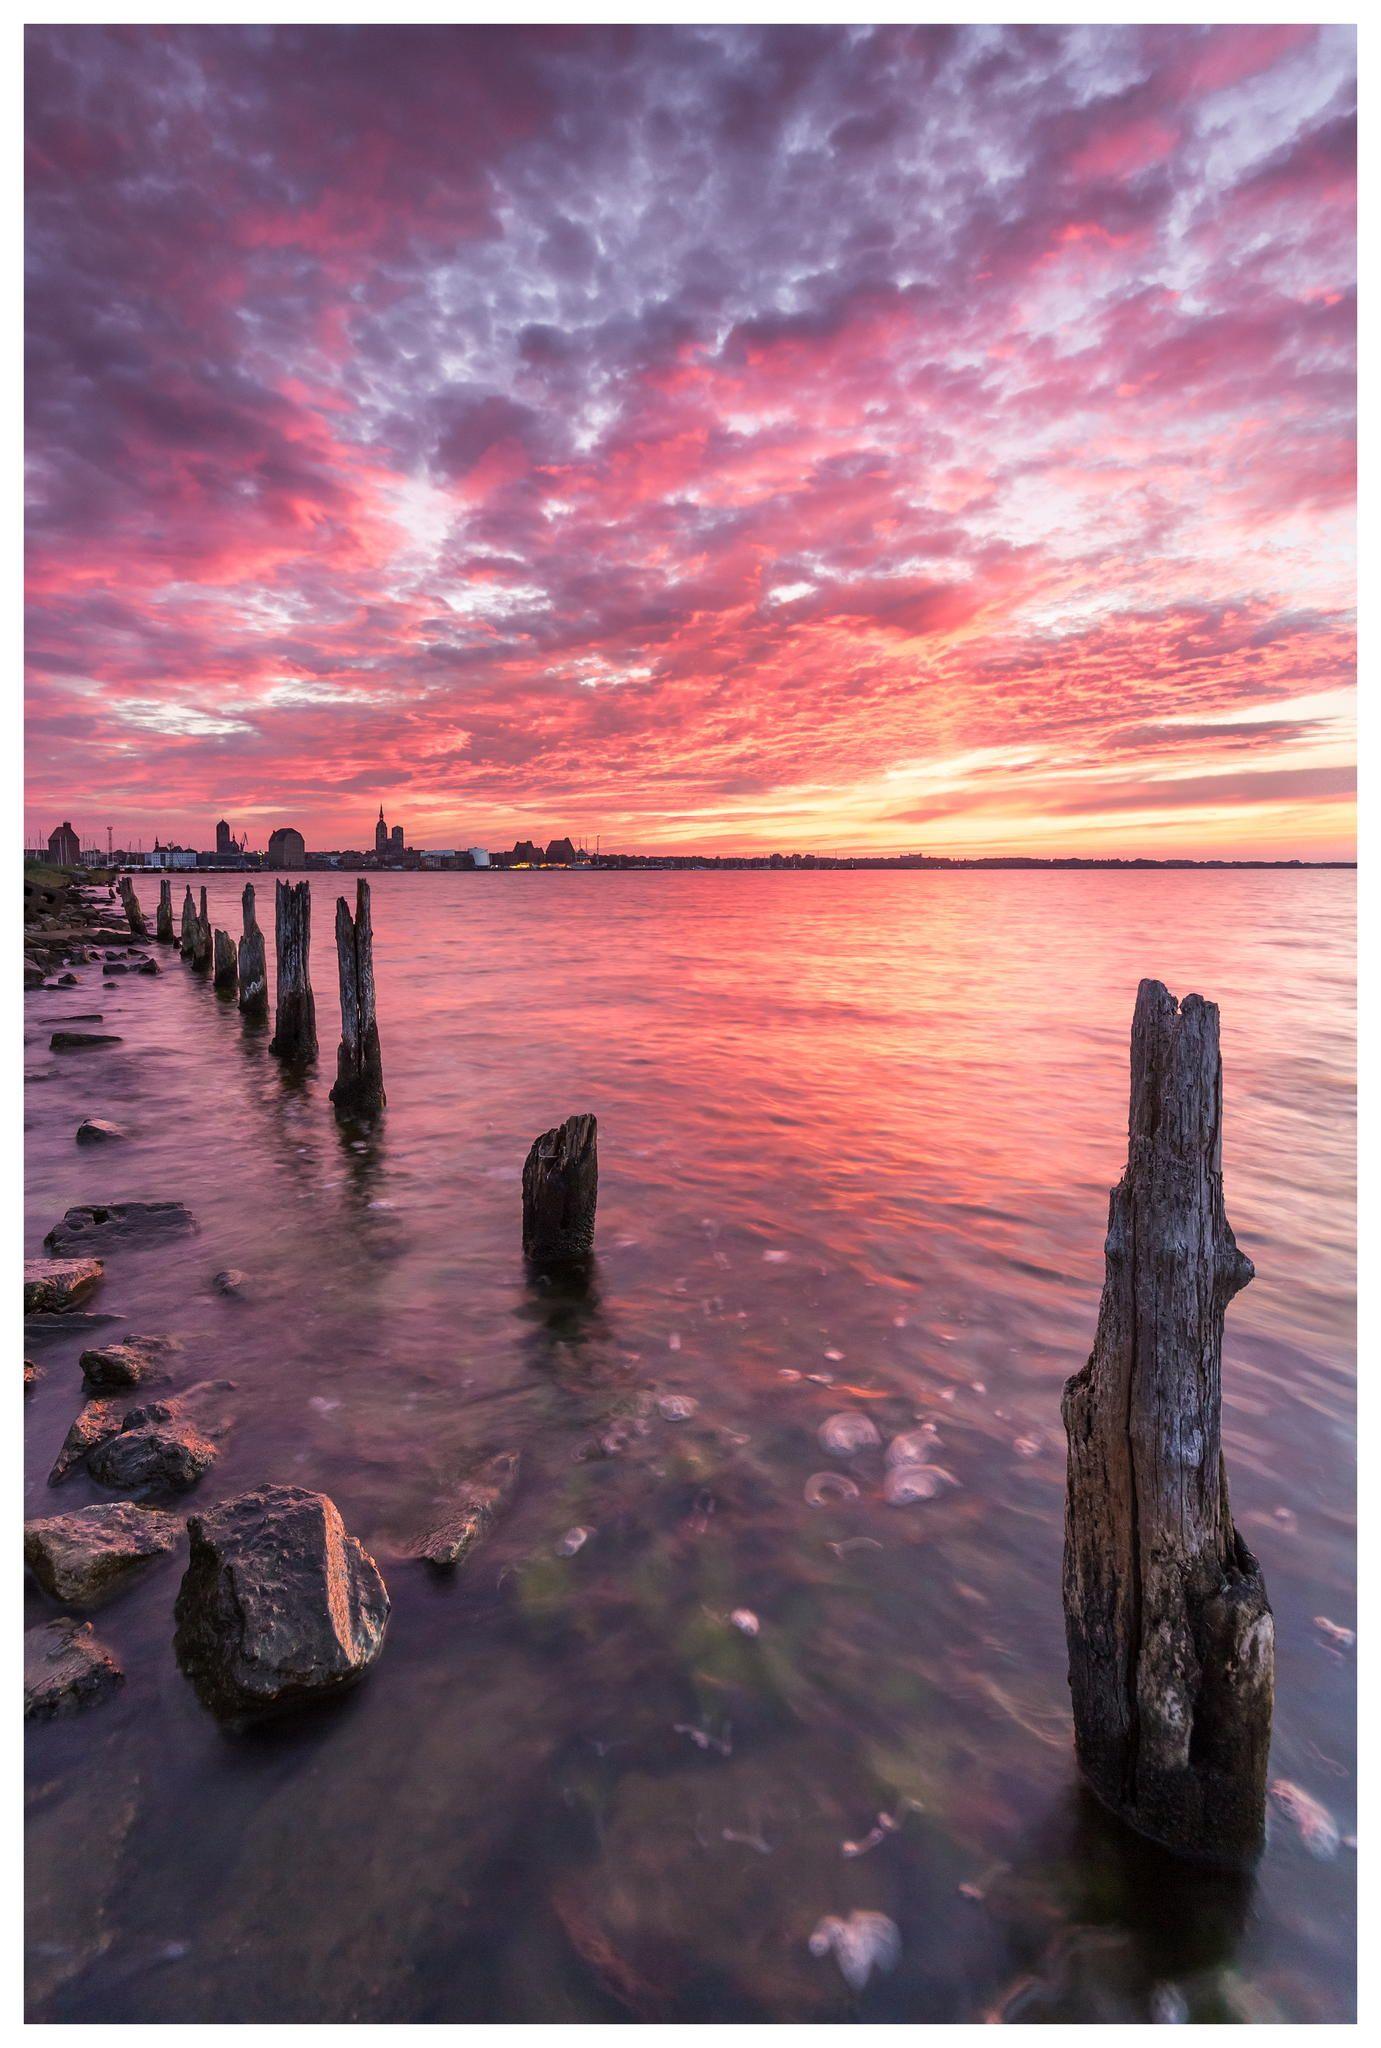 Sunset over Stralsund / Germany by Kristian Goretzki on 500px